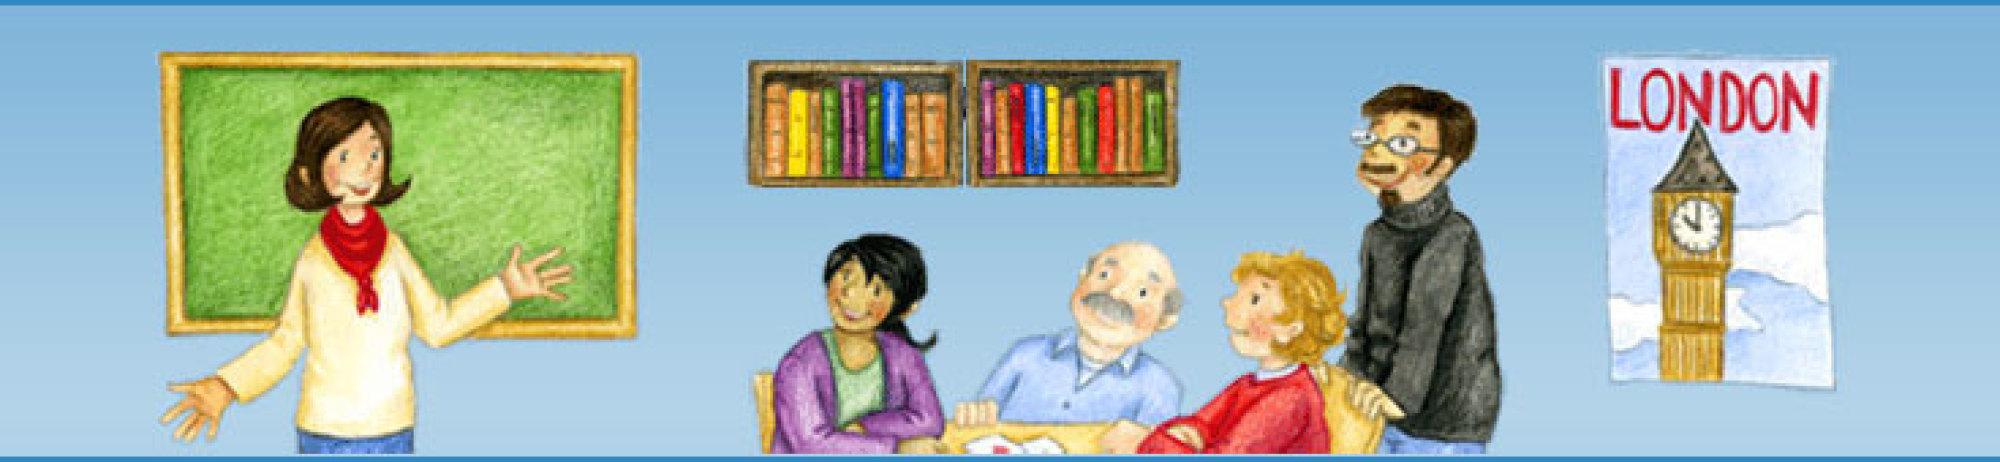 Englischkurse in der Sprachschule - Mortimer English Club Schriesheim